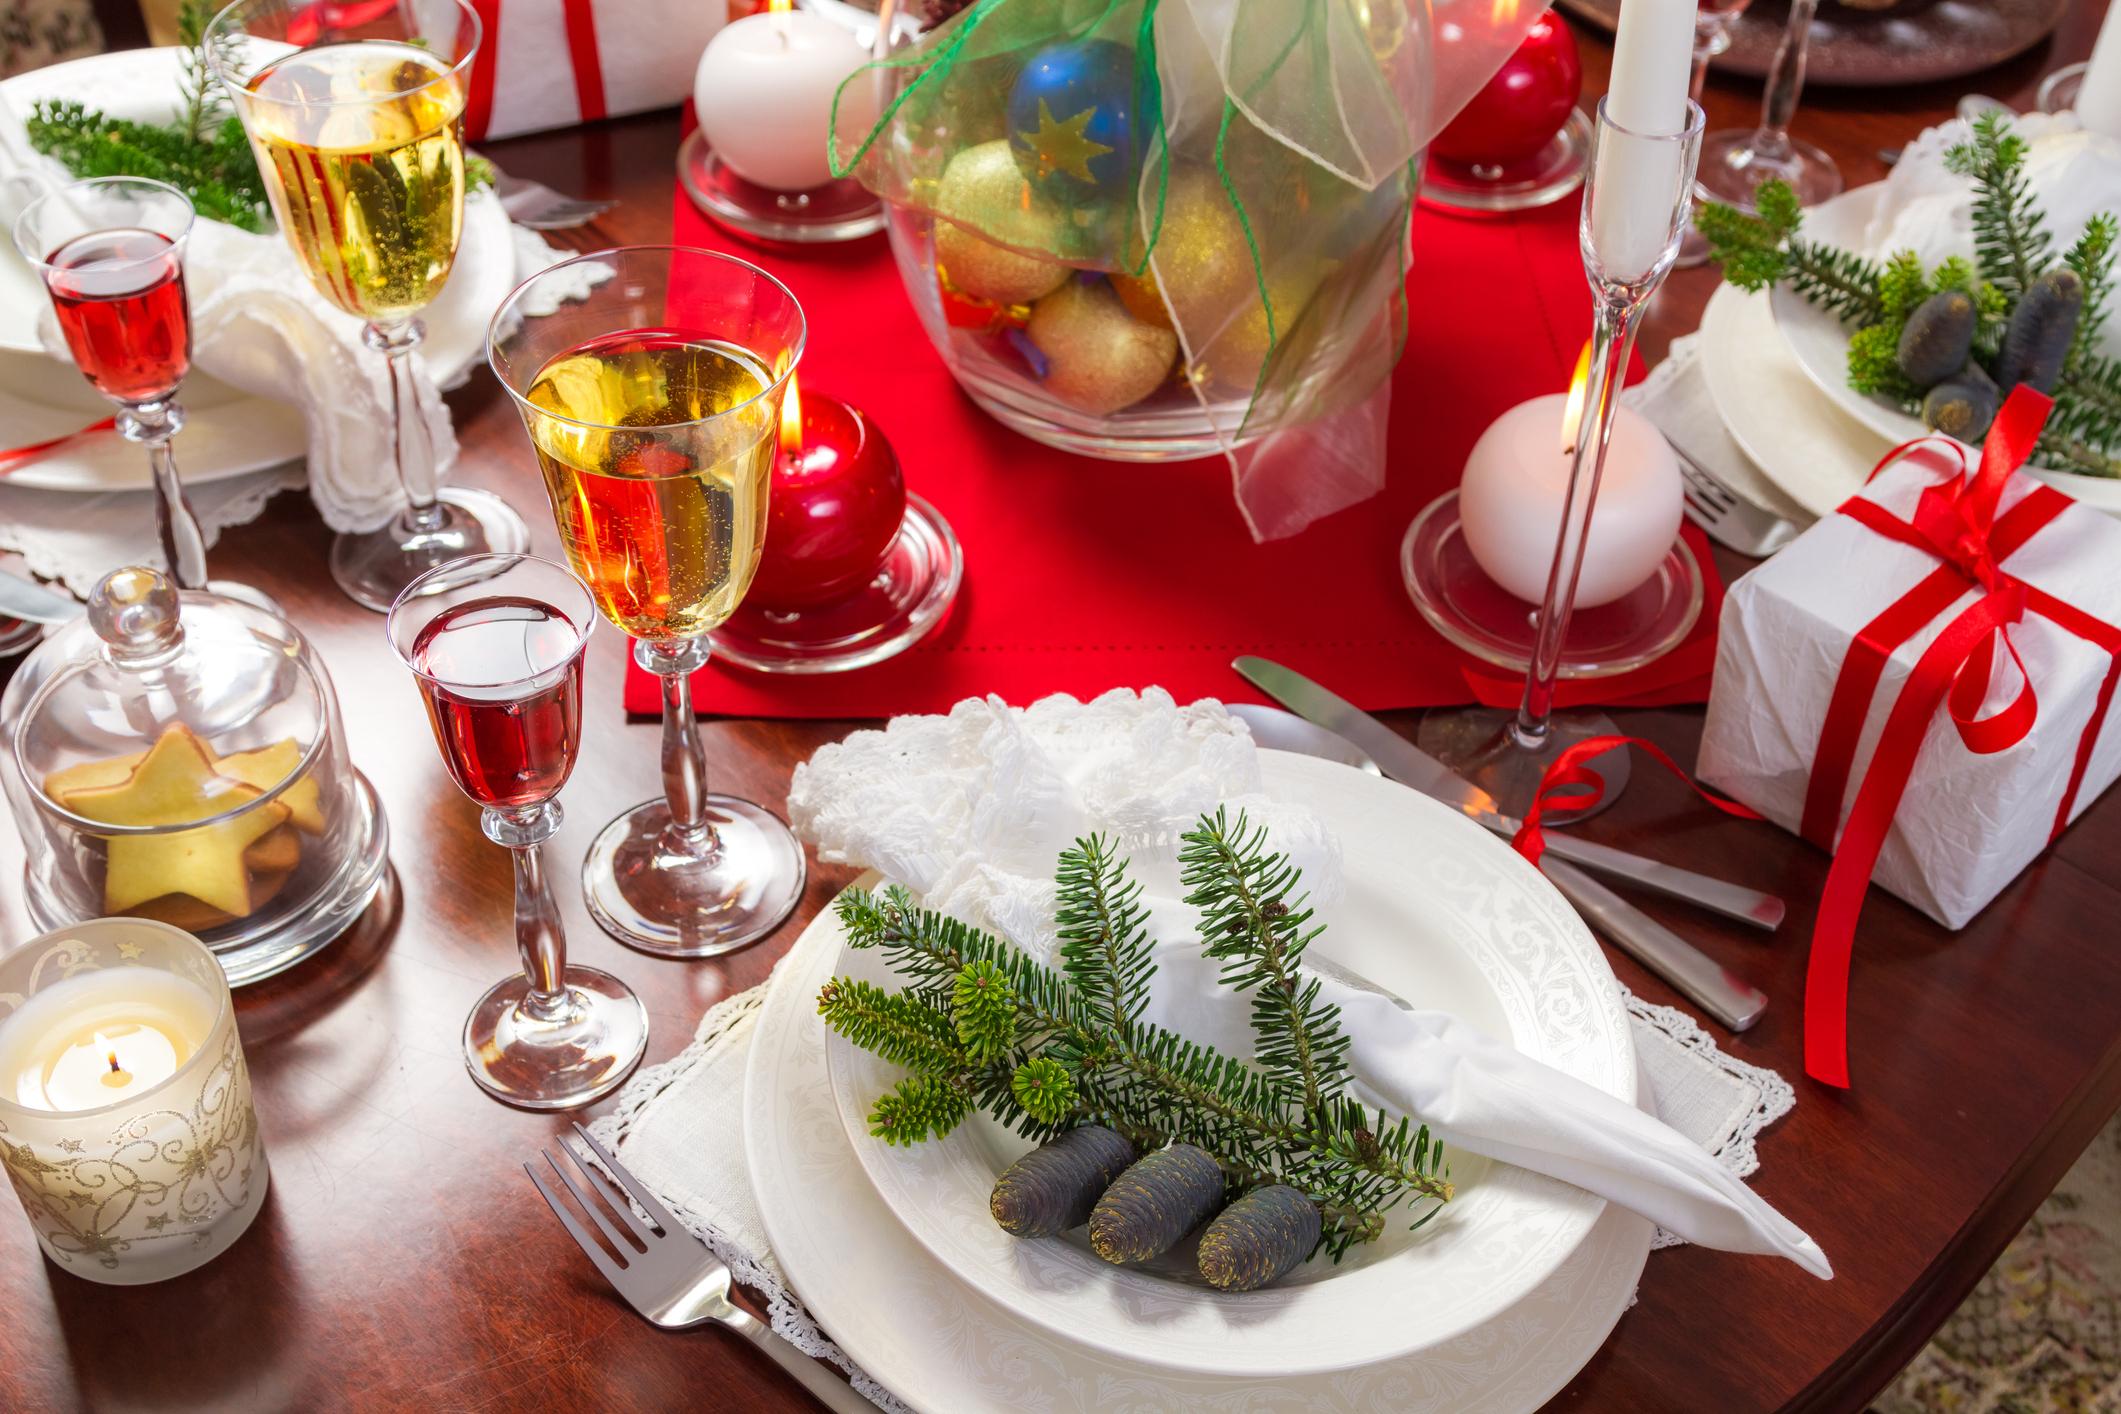 Decoração de mesa para o Natal com ramos de pinheiros nos pratos